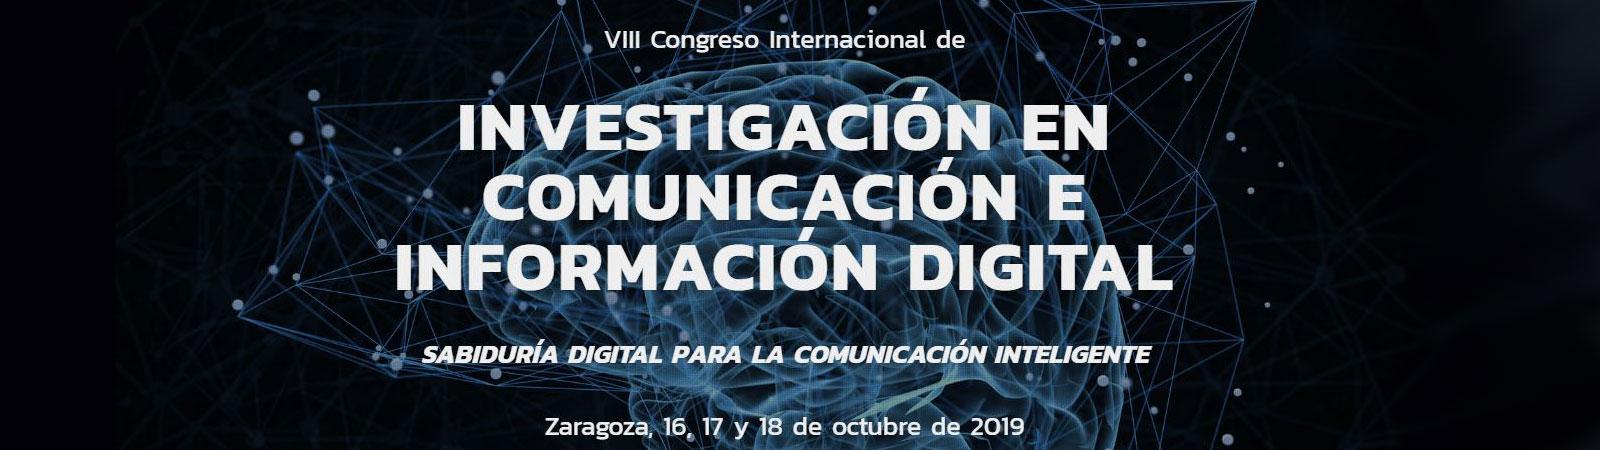 Congreso organizado por el Grupo de Investigación GICID